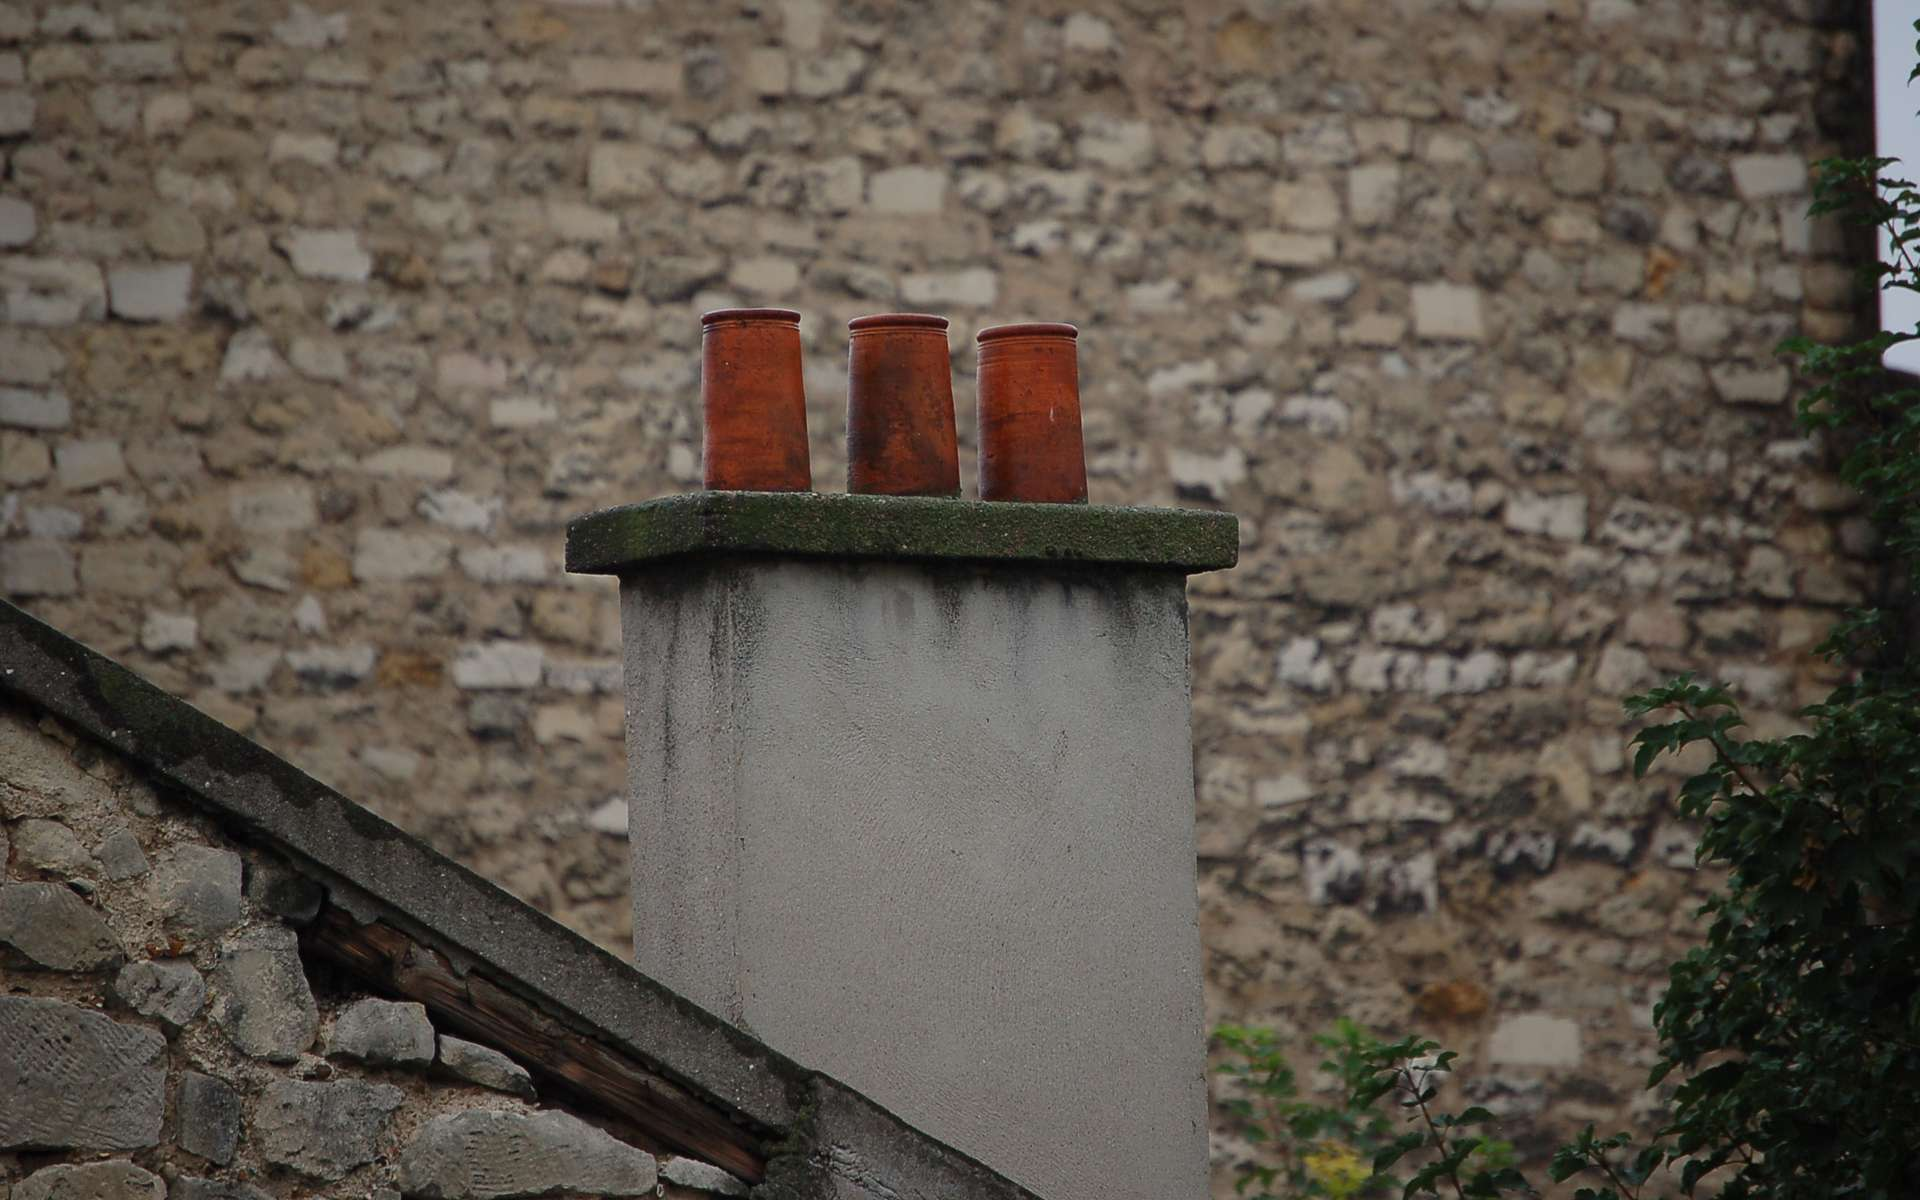 La sortie de cheminée bien installée peut supporter des vents de 160 km/h. © Wikimedia Commons, DP